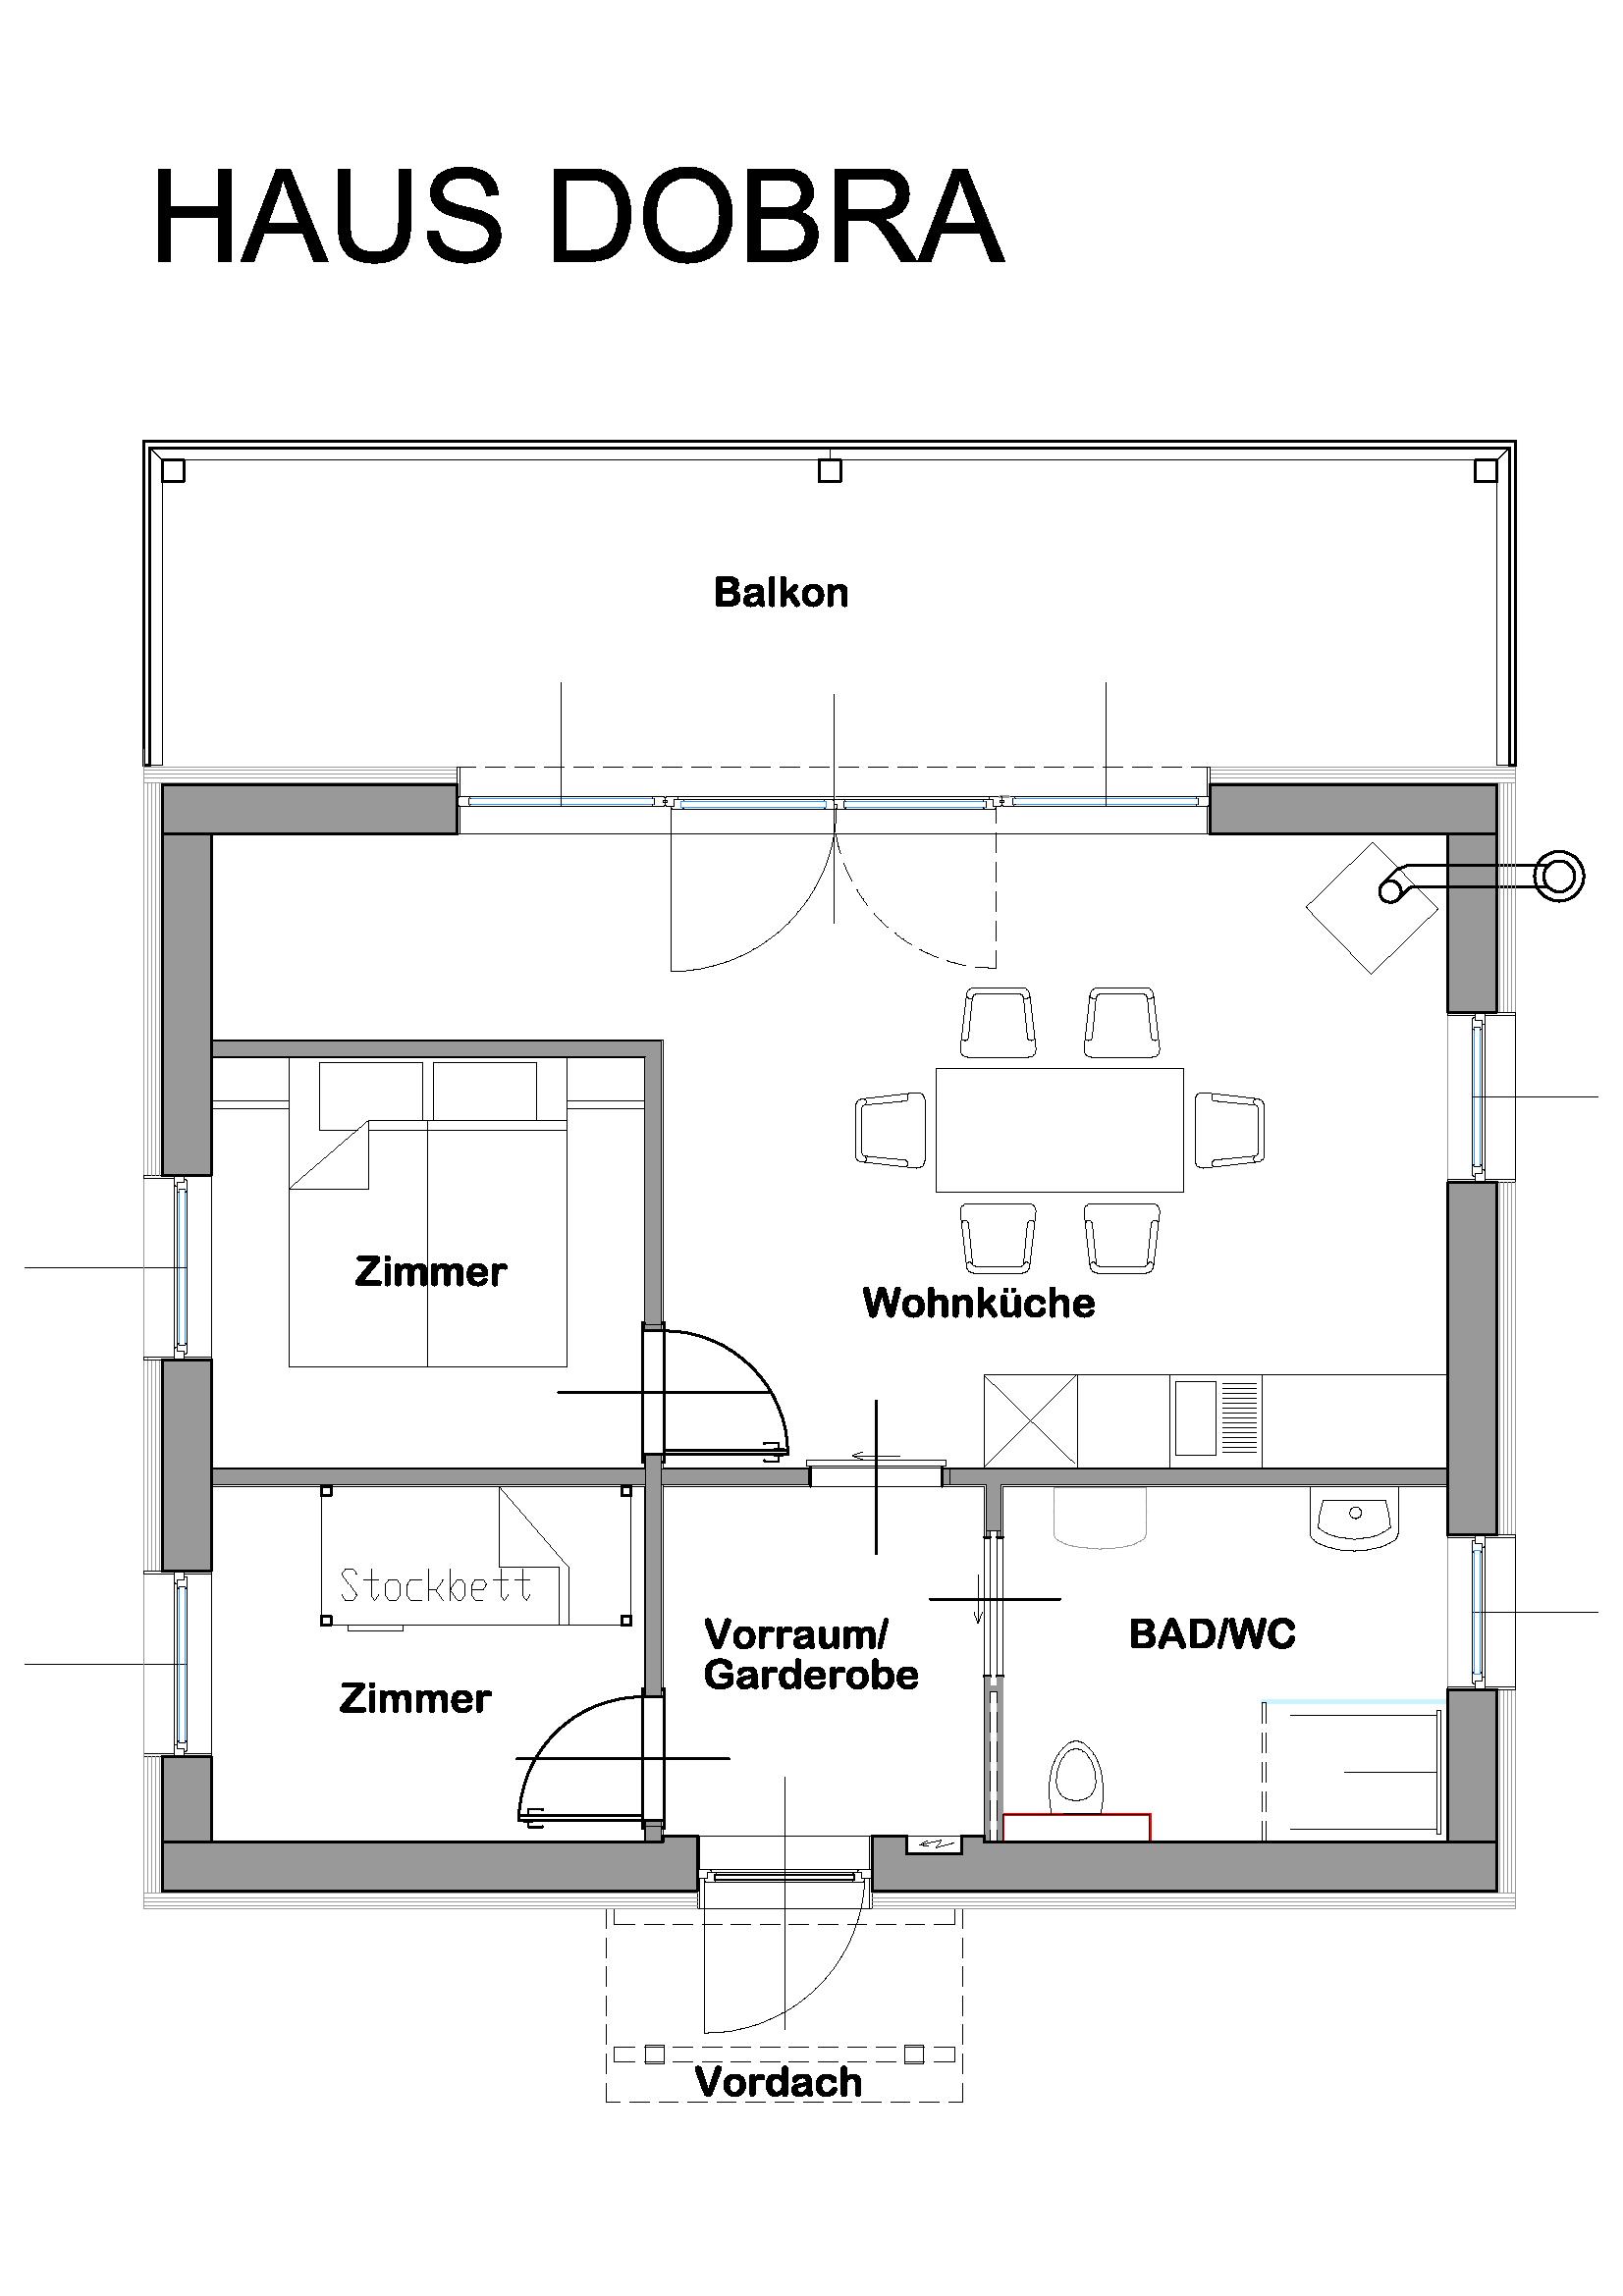 Haus Dobra